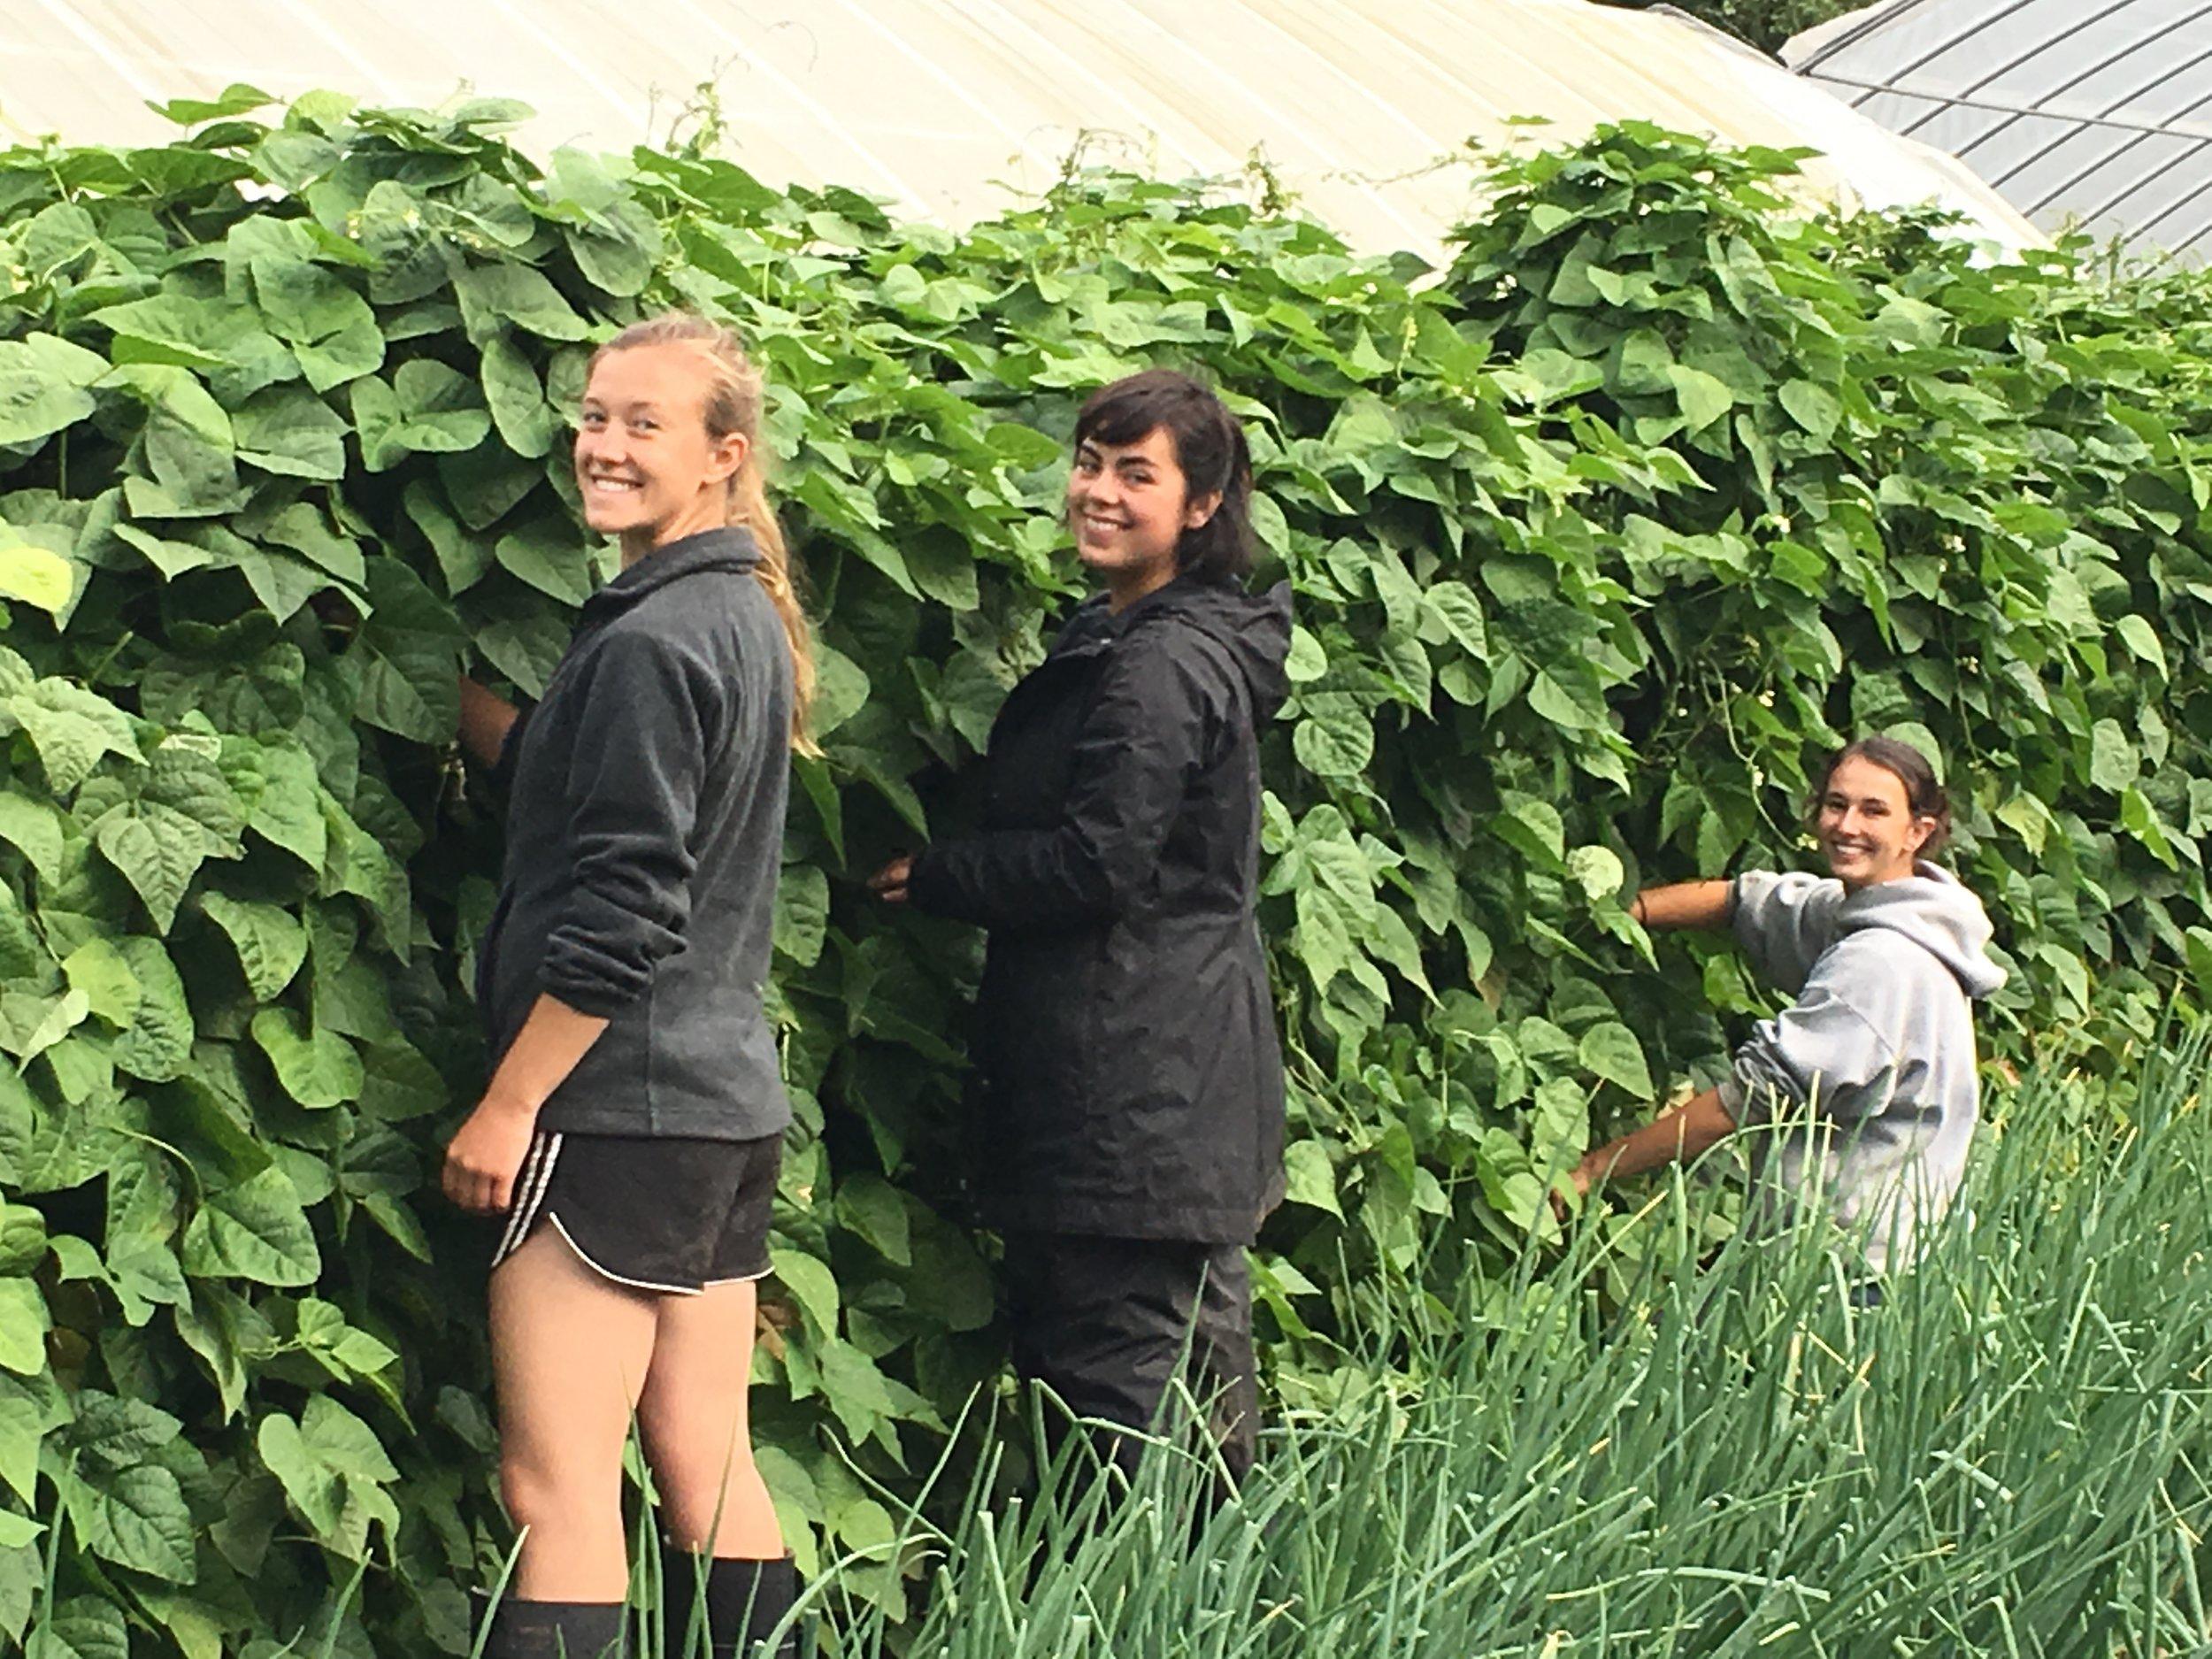 Heidi, Makayla and Becca